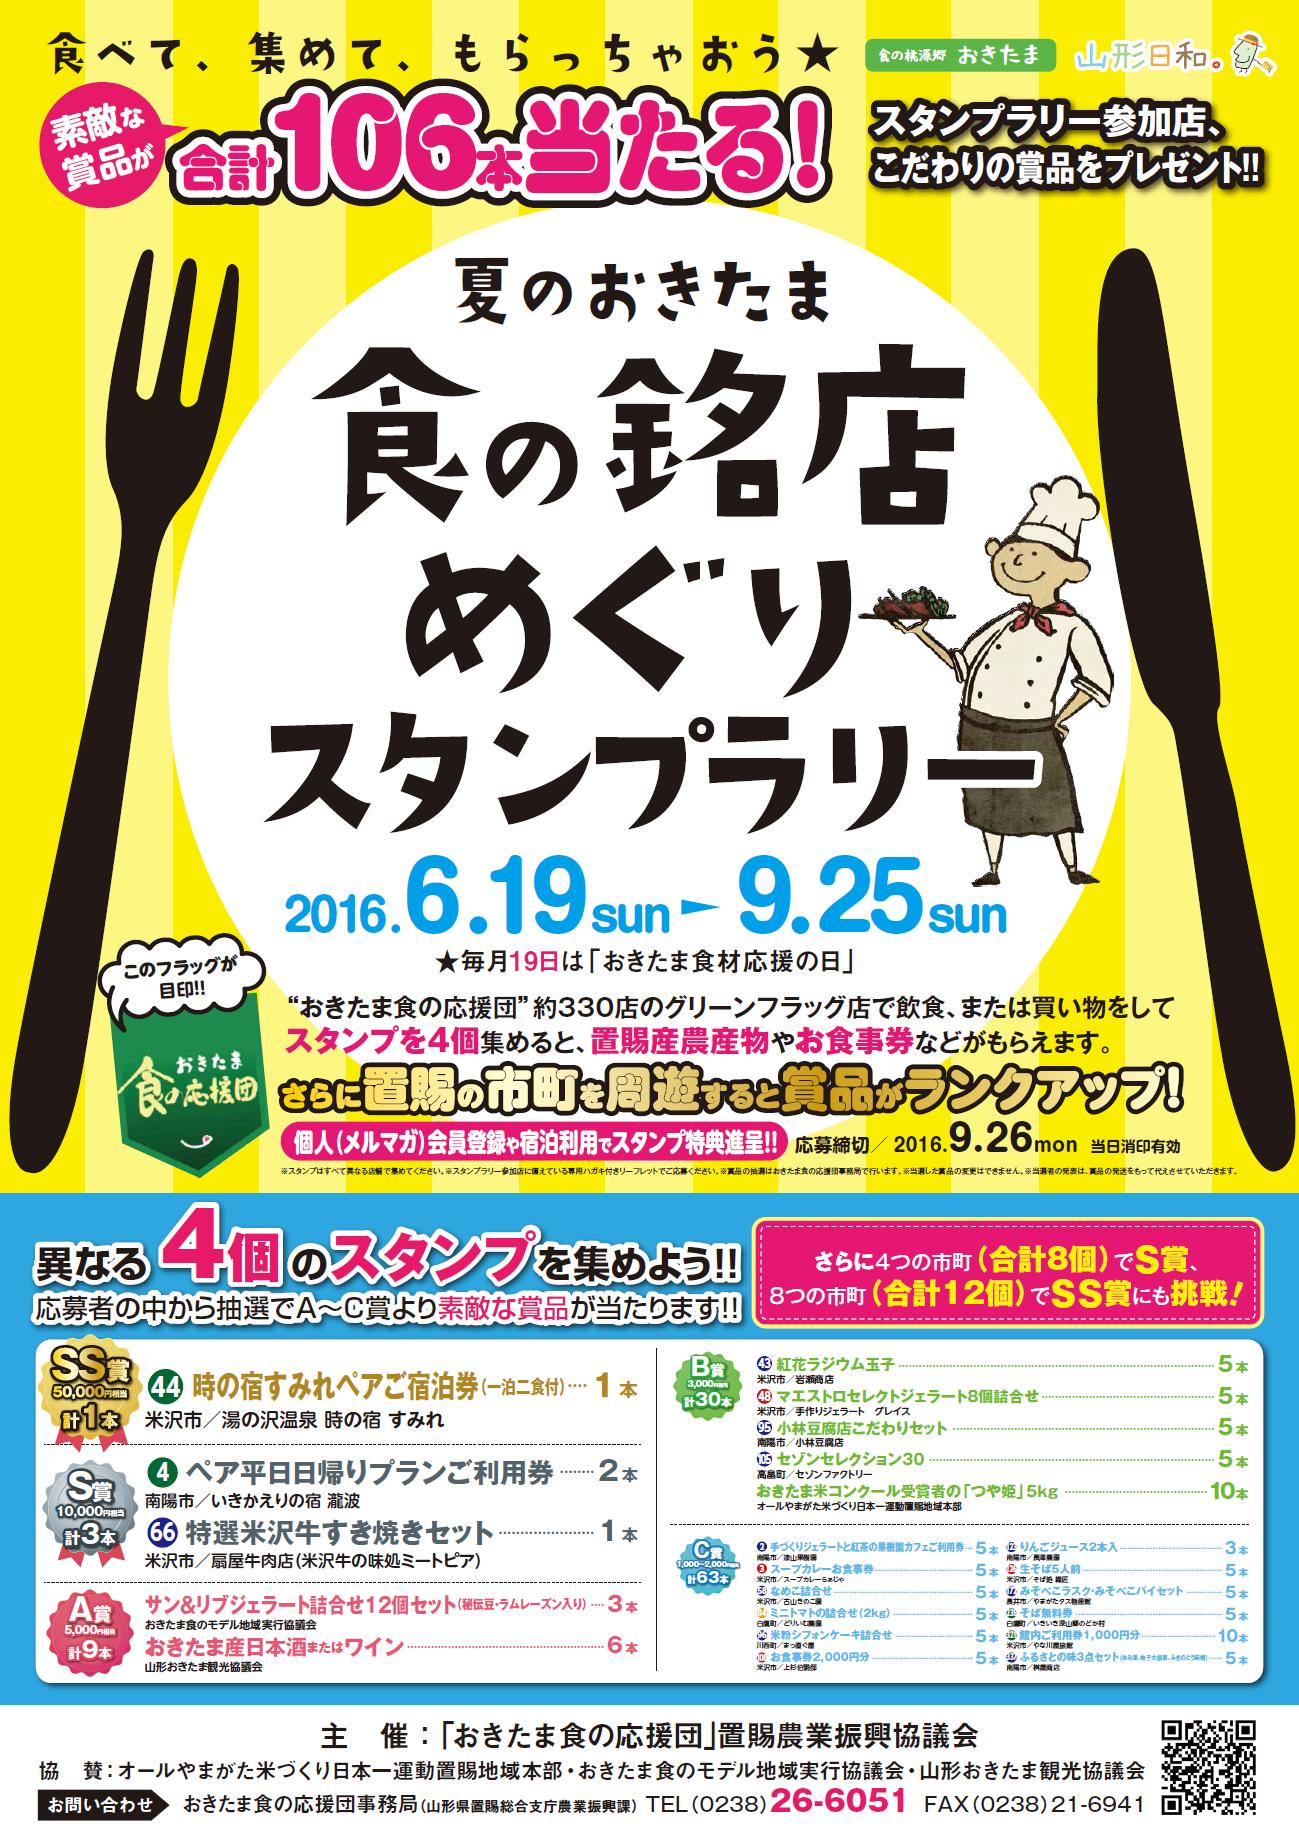 「夏のおきたま食の銘店めぐりスタンプラリー」開催中です!:画像